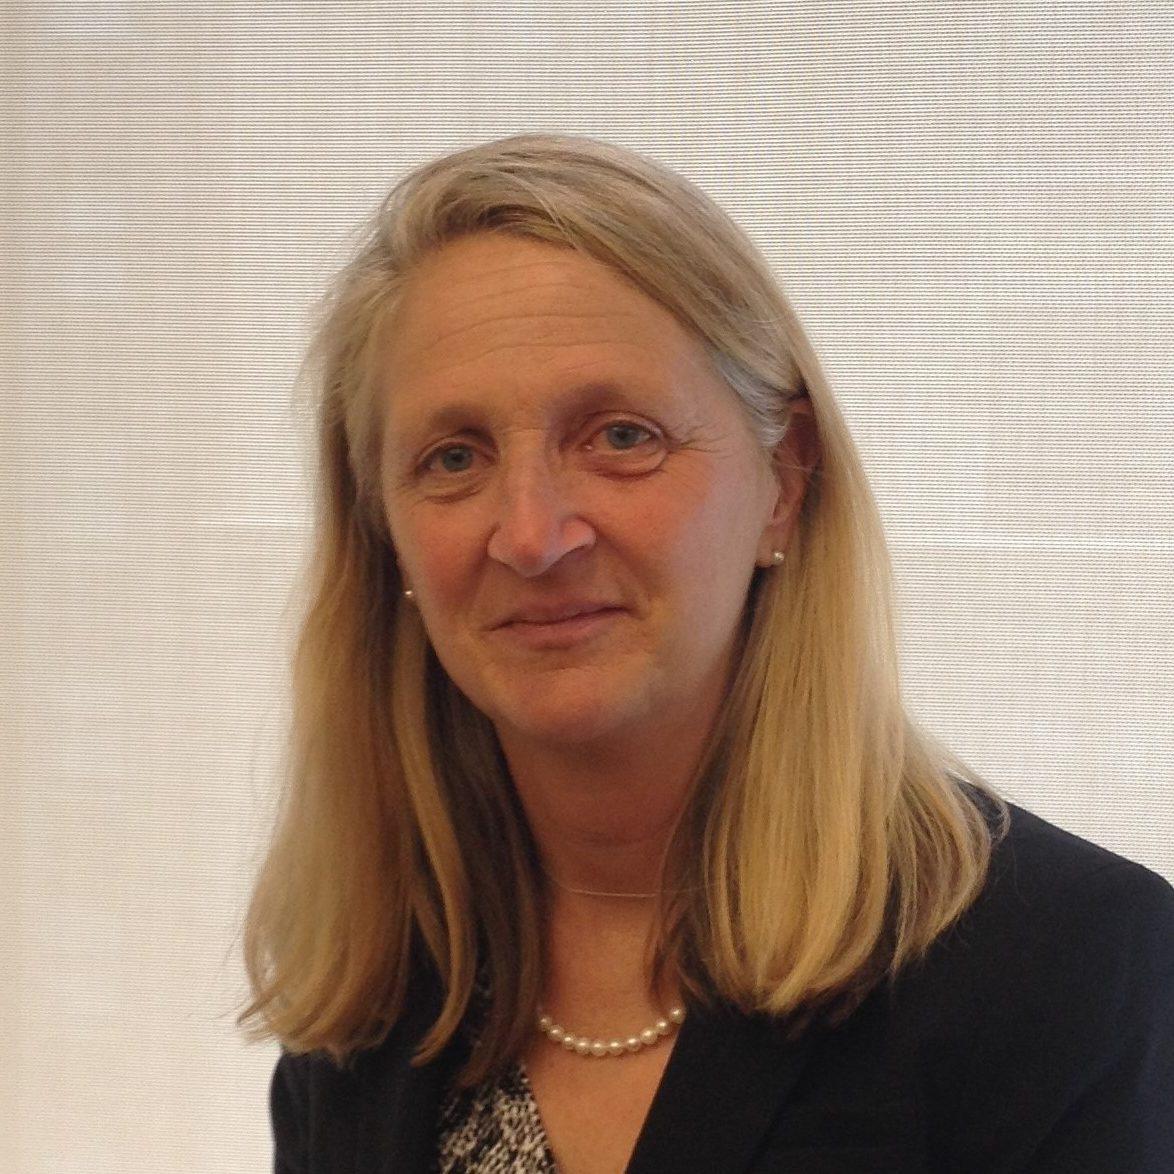 Doris Brophy, Principal